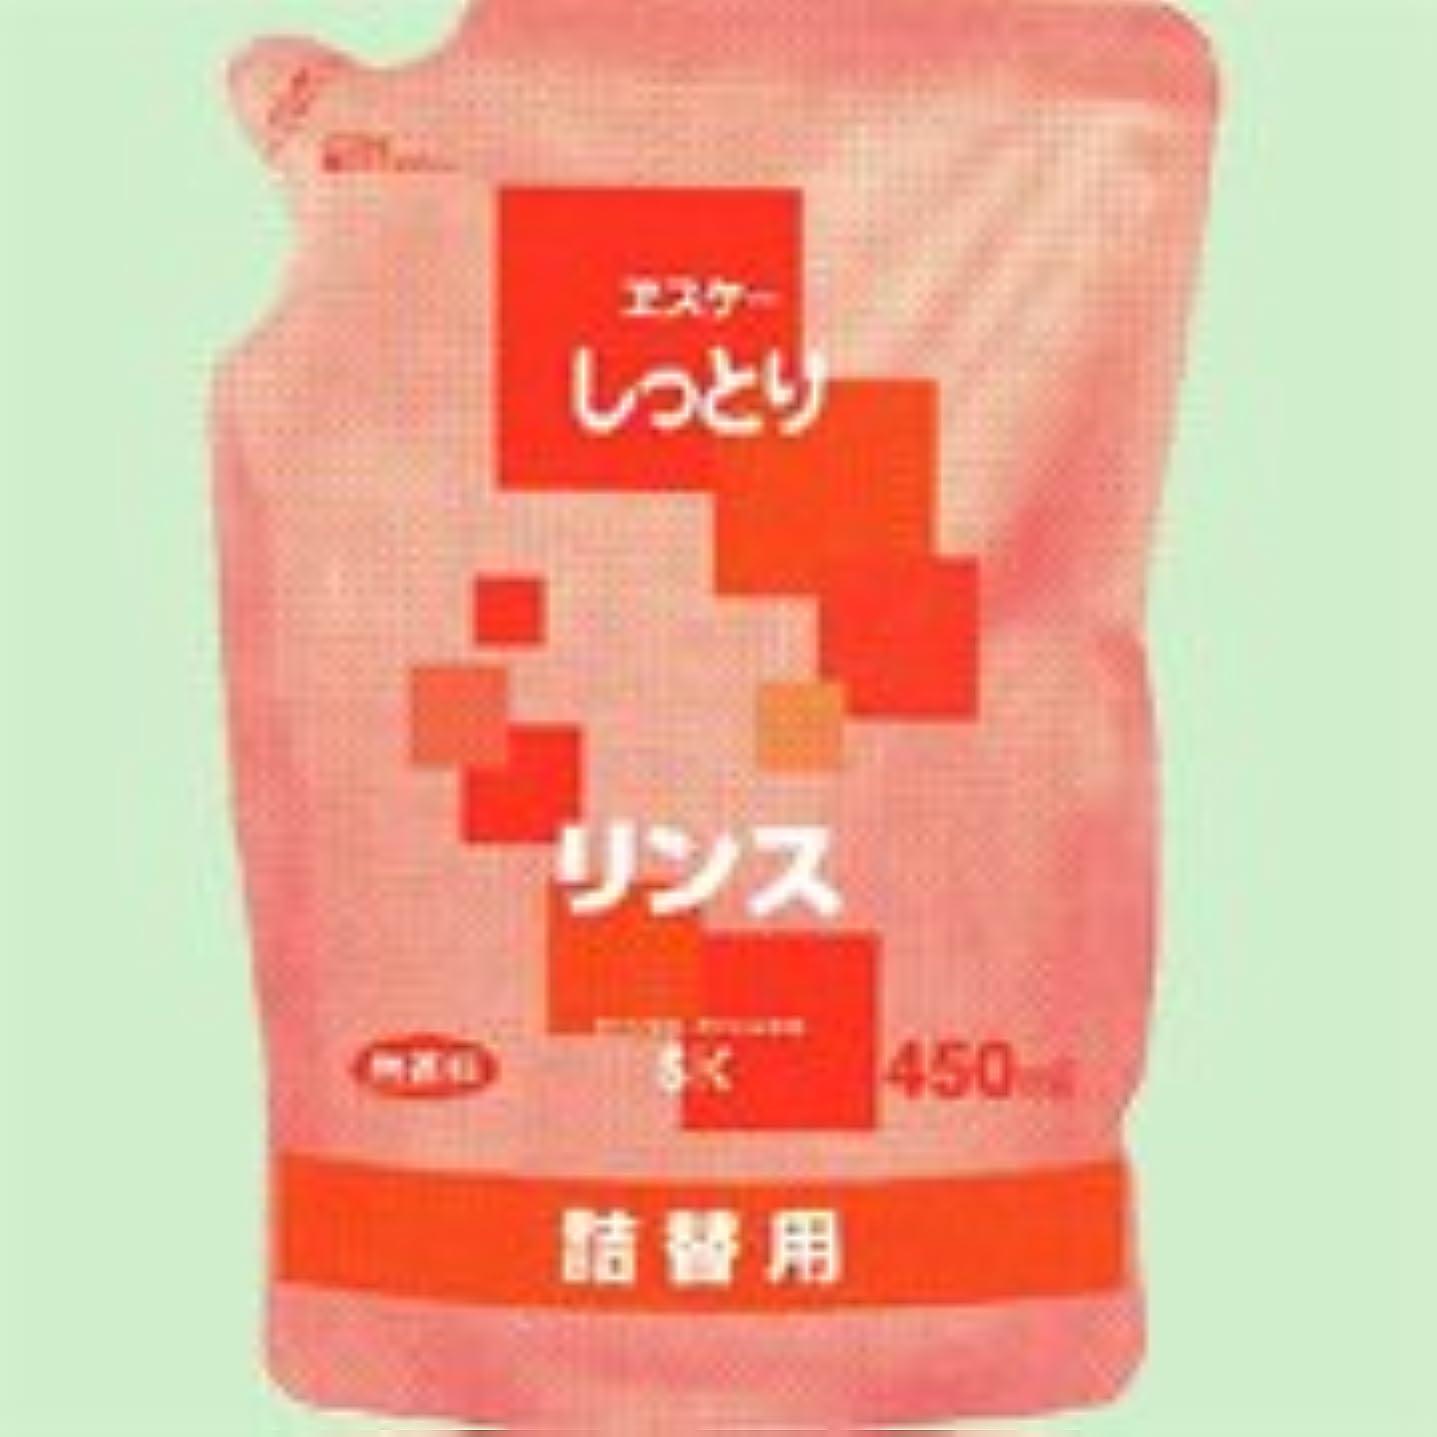 放射するサドルハミングバードしっとりリンス 詰替用 450ml    ヱスケー石鹸